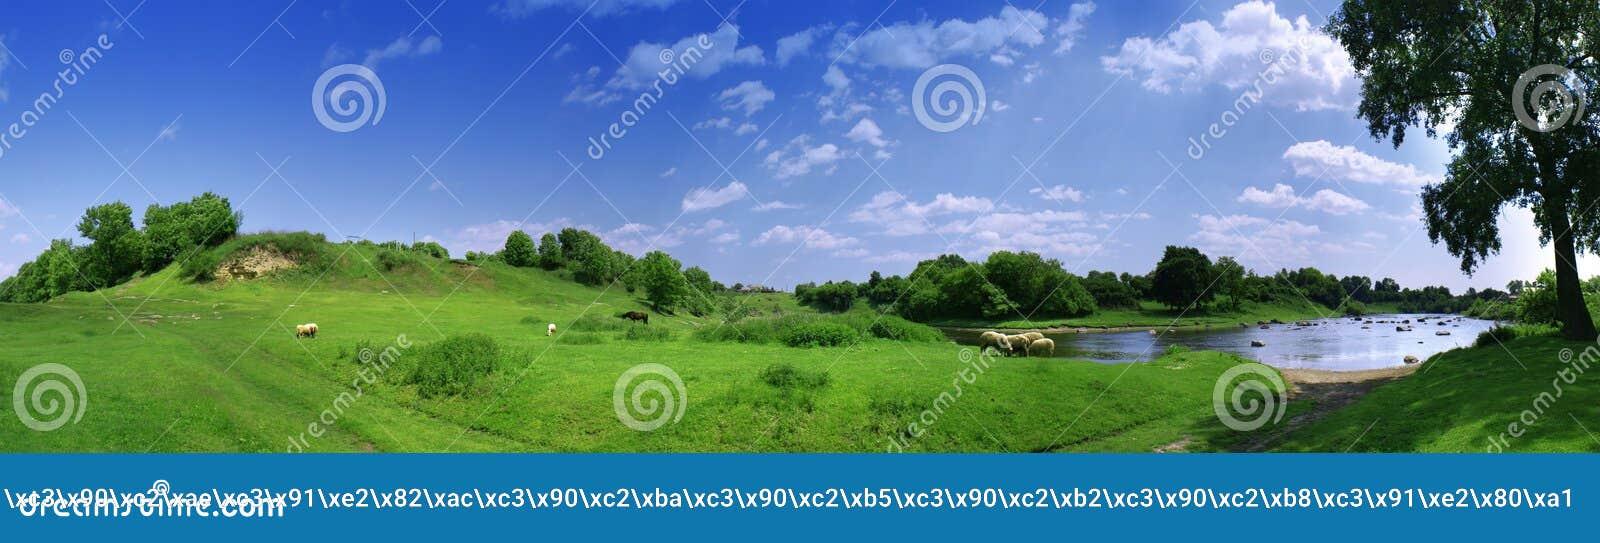 Panorama met sheeps